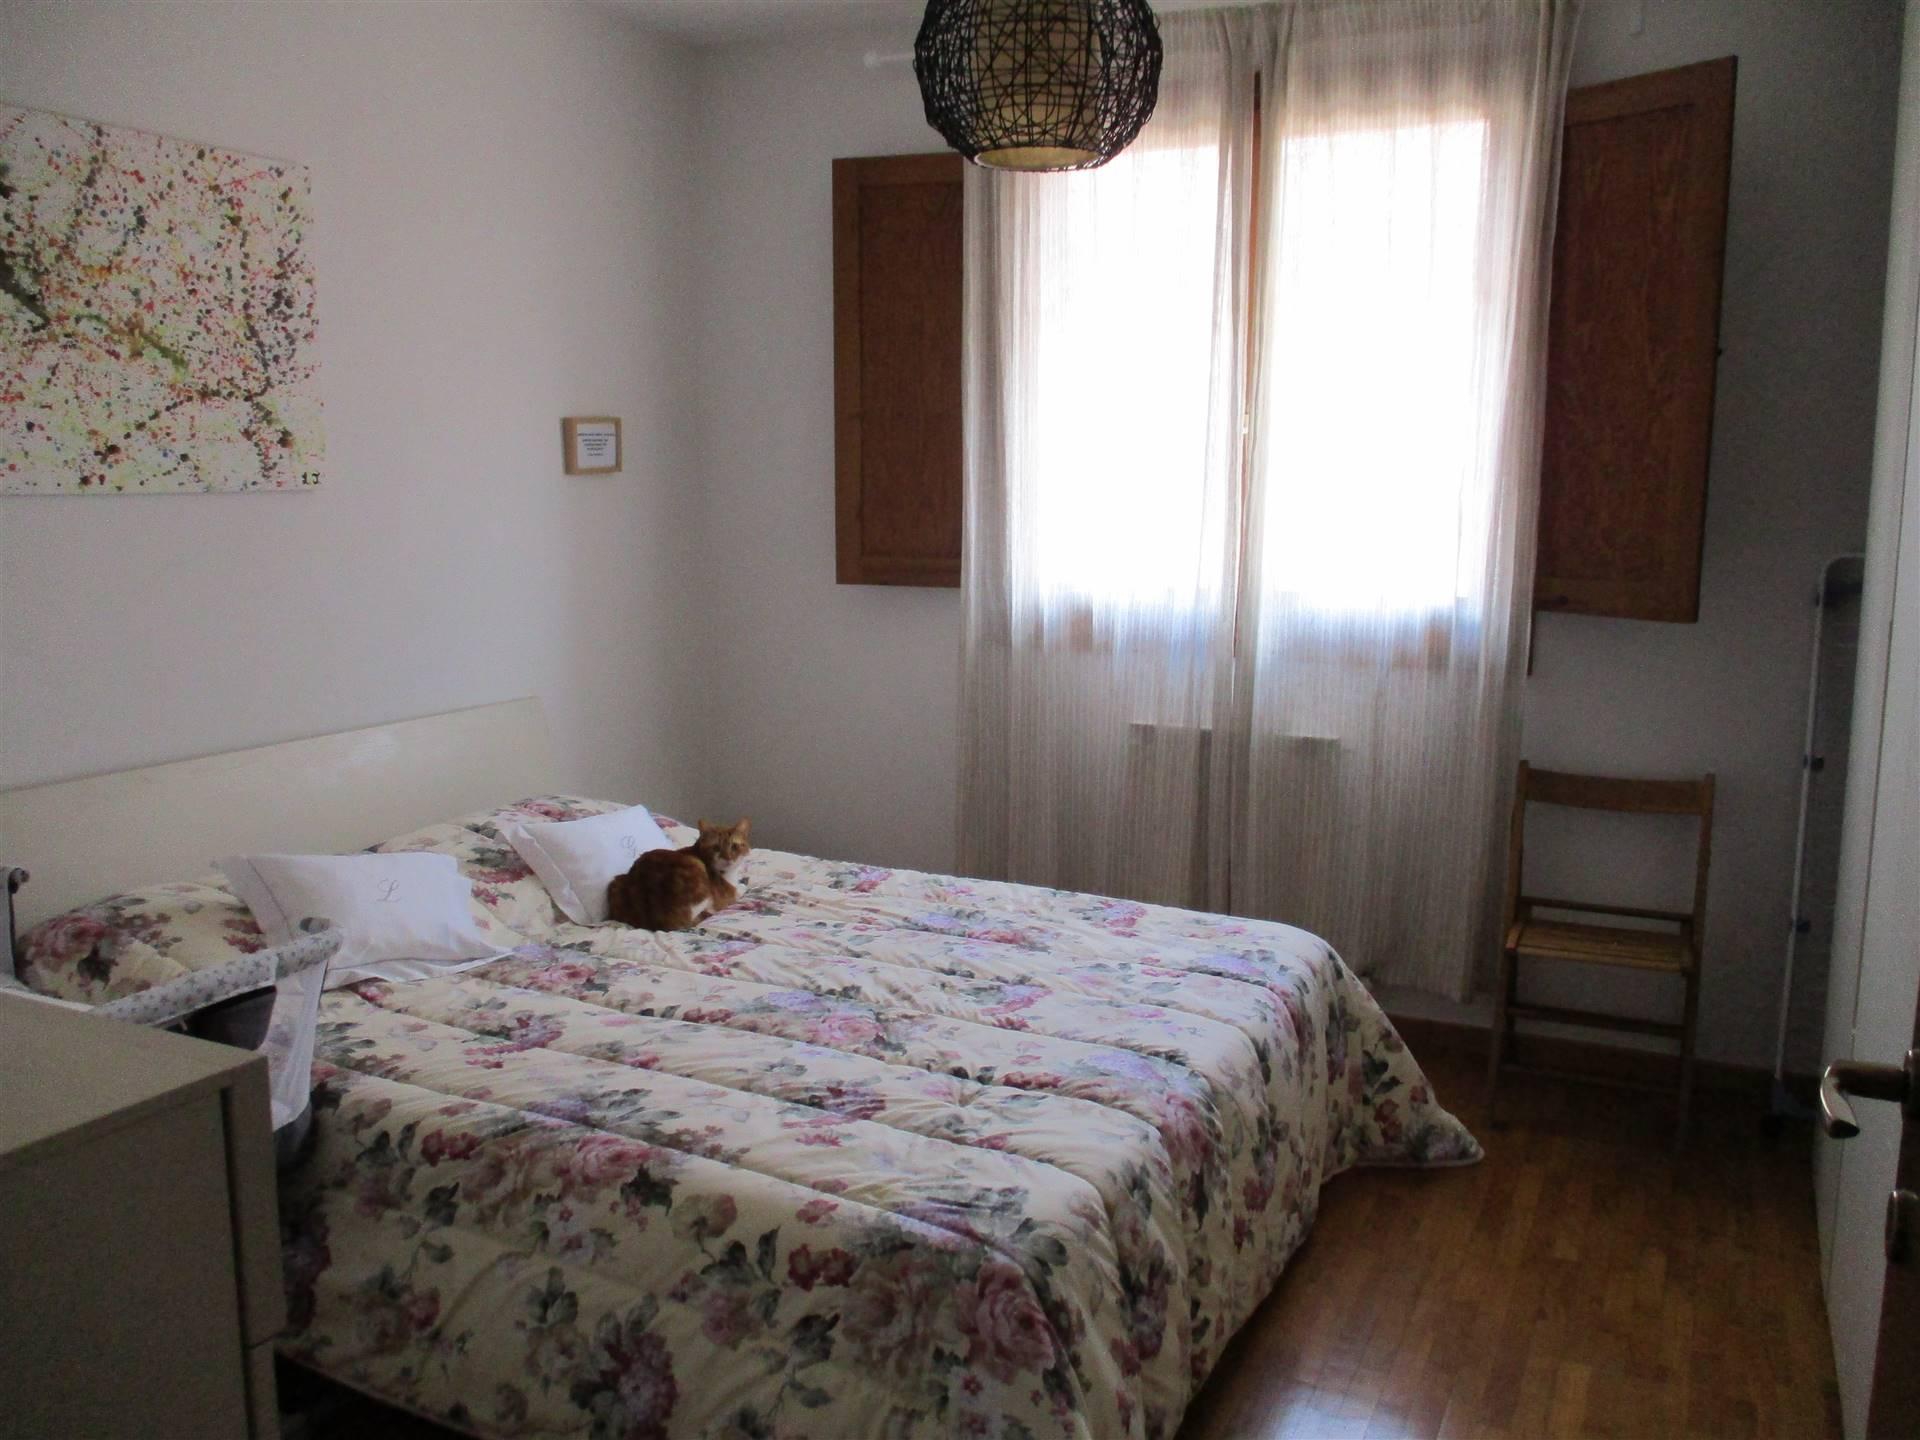 Appartamento in Vendita a Campi bisenzio zona San martino - immagine 11